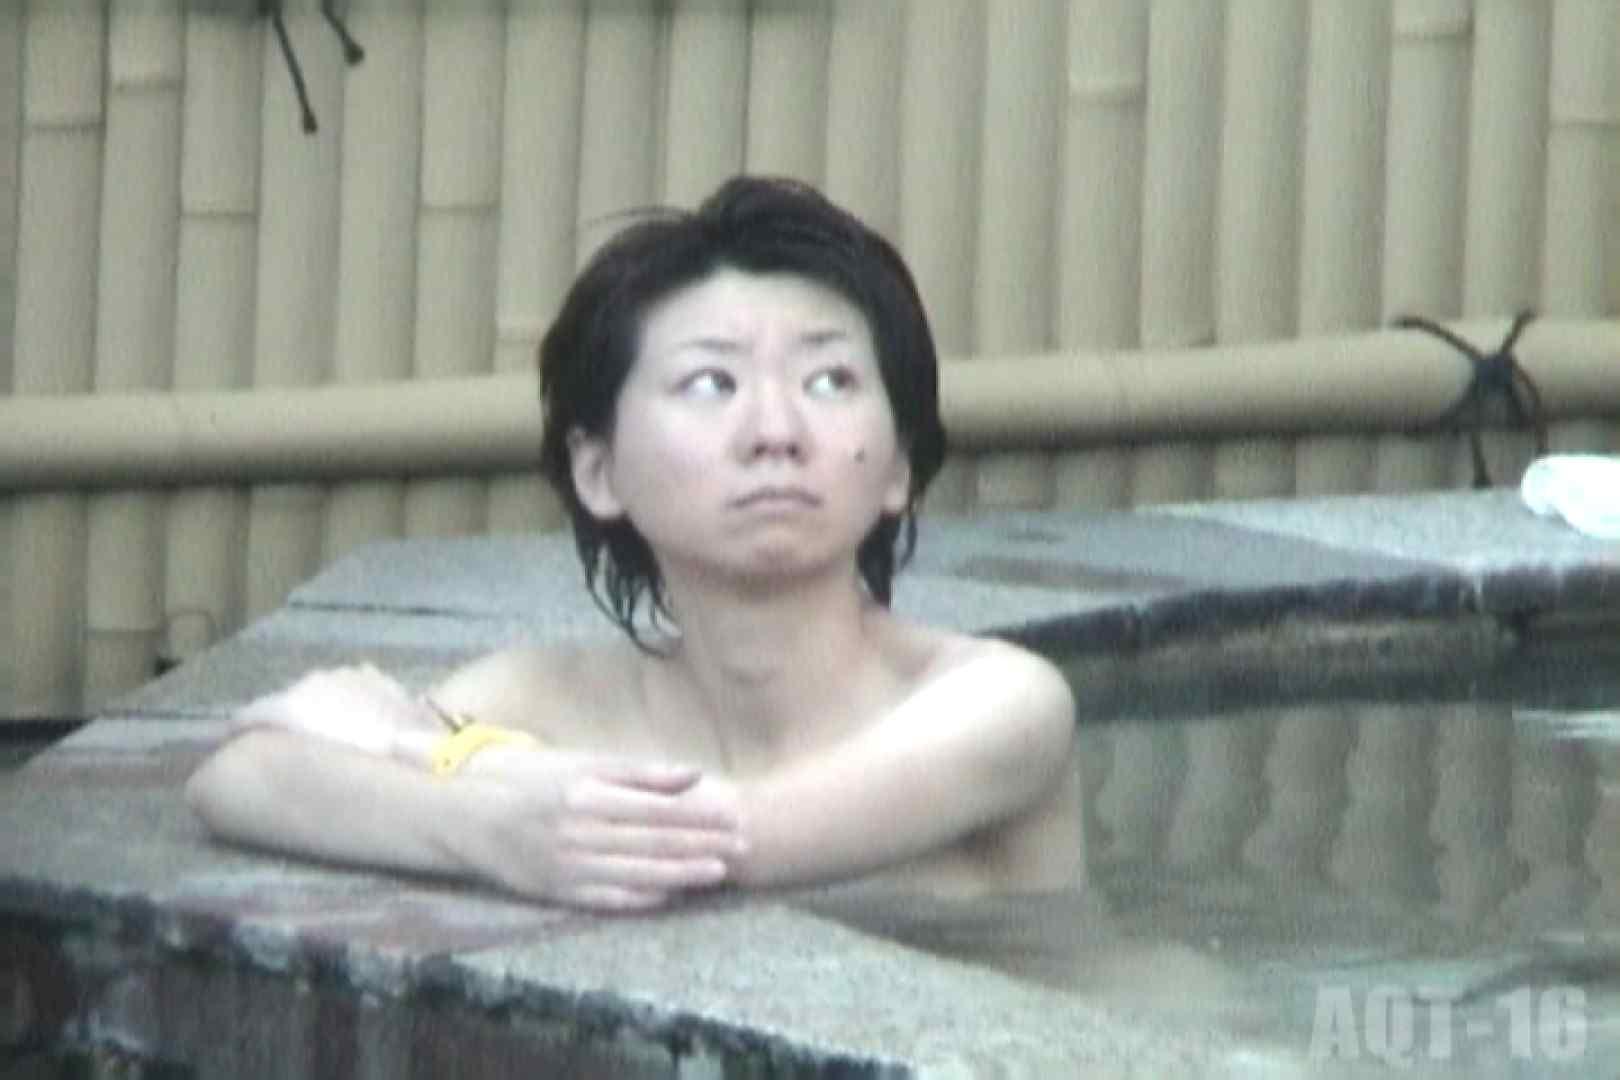 Aquaな露天風呂Vol.842 盗撮師作品   美しいOLの裸体  96pic 85